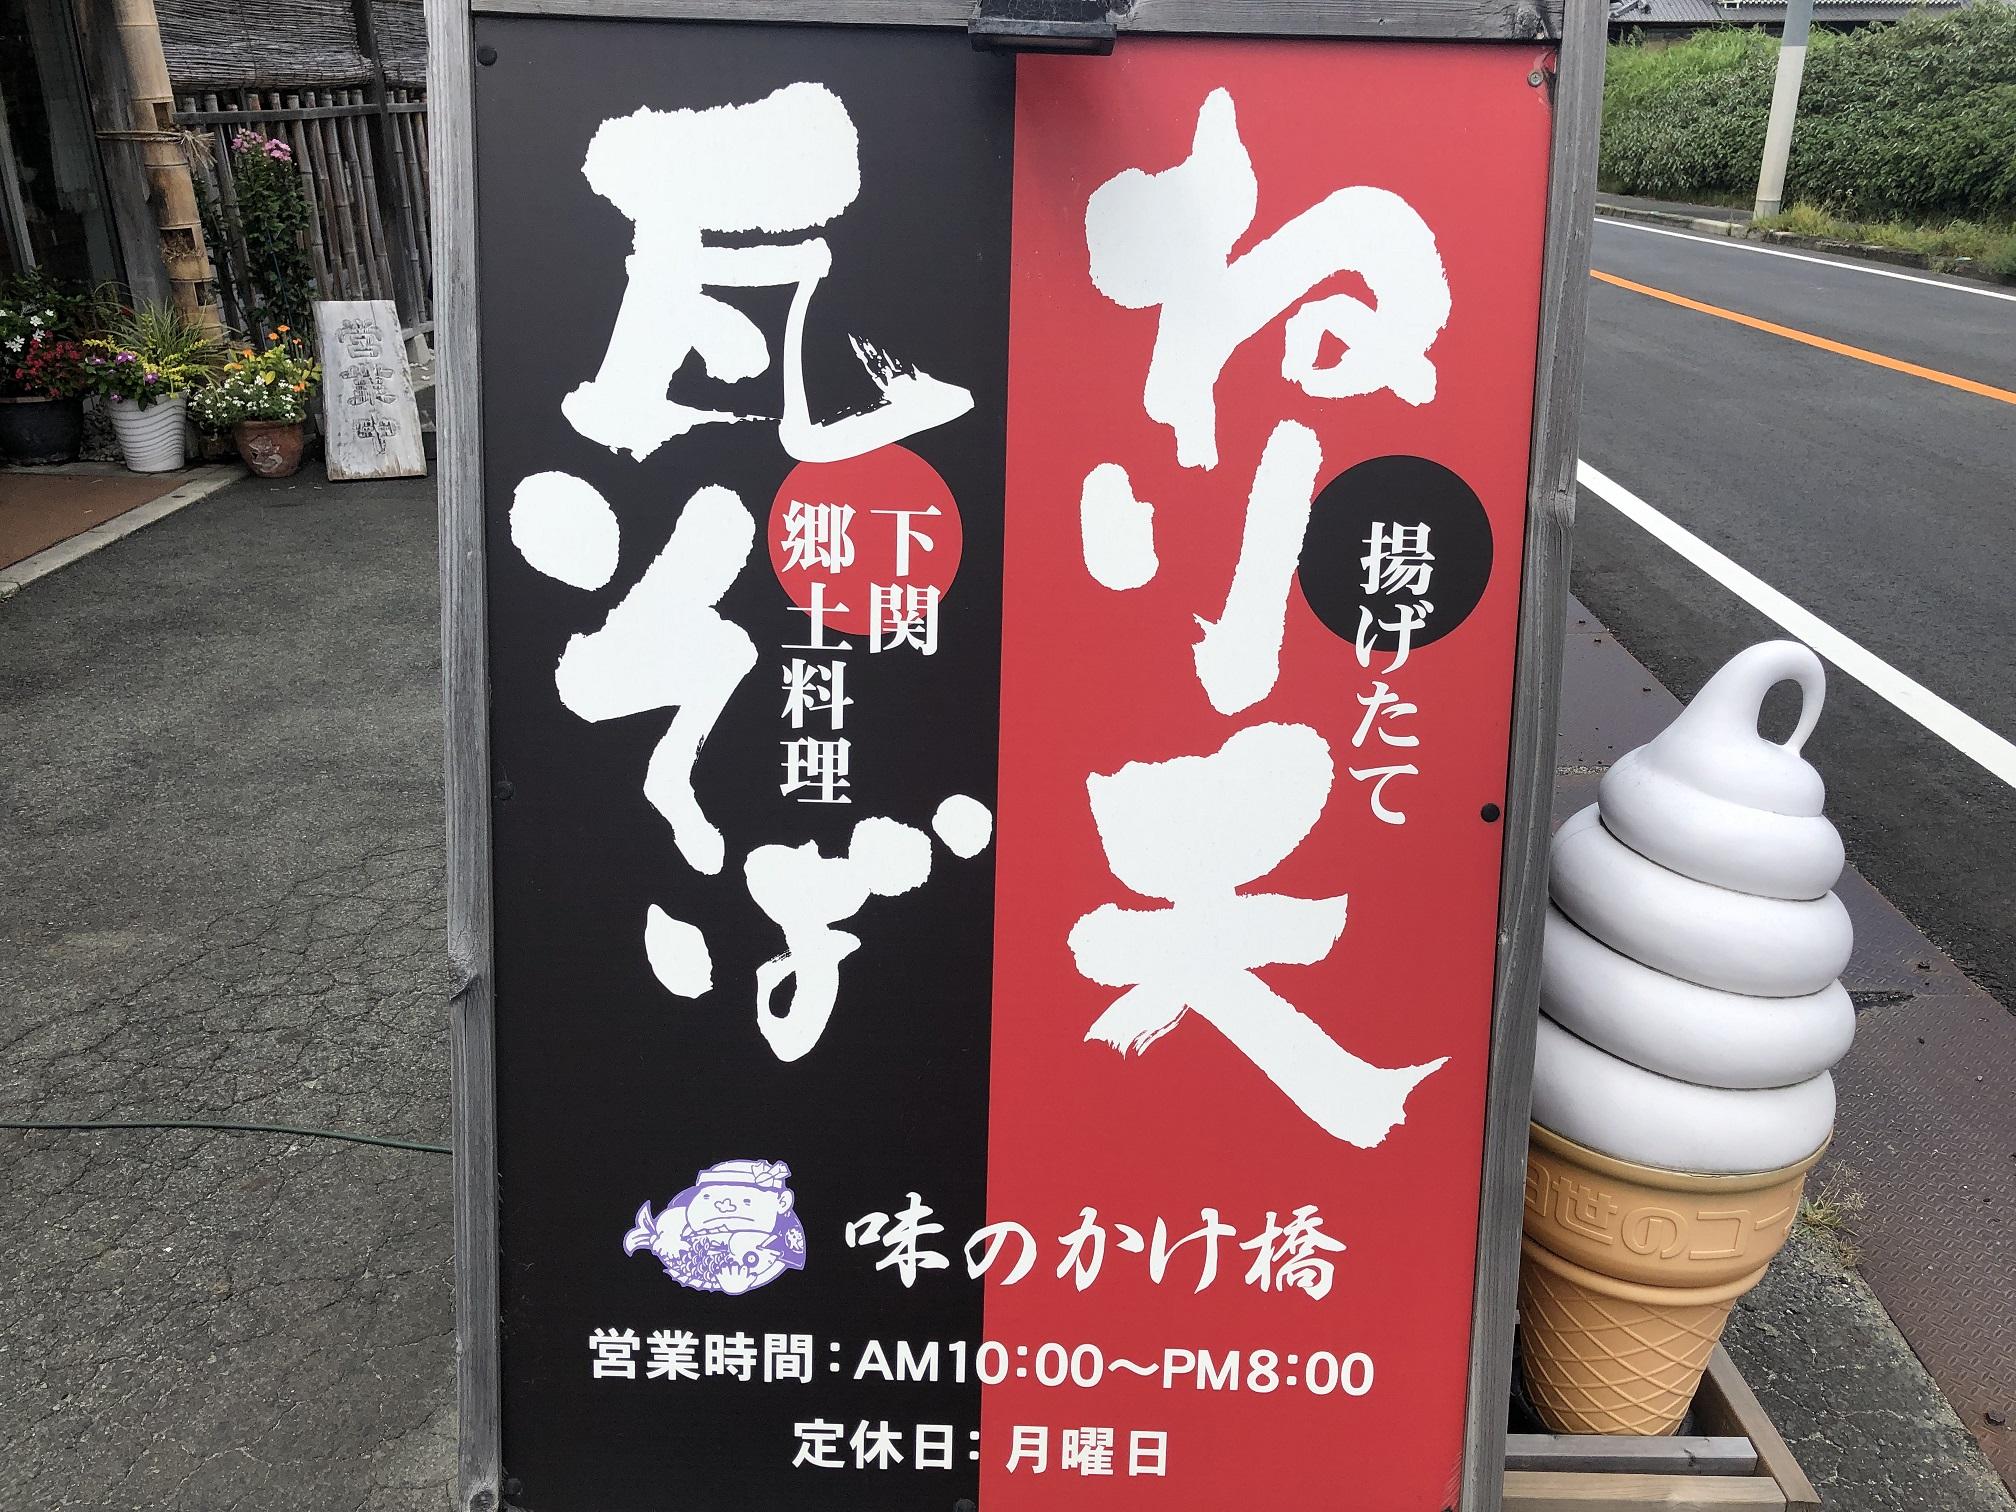 はしもと商店(奈良県葛城市/瓦そば)